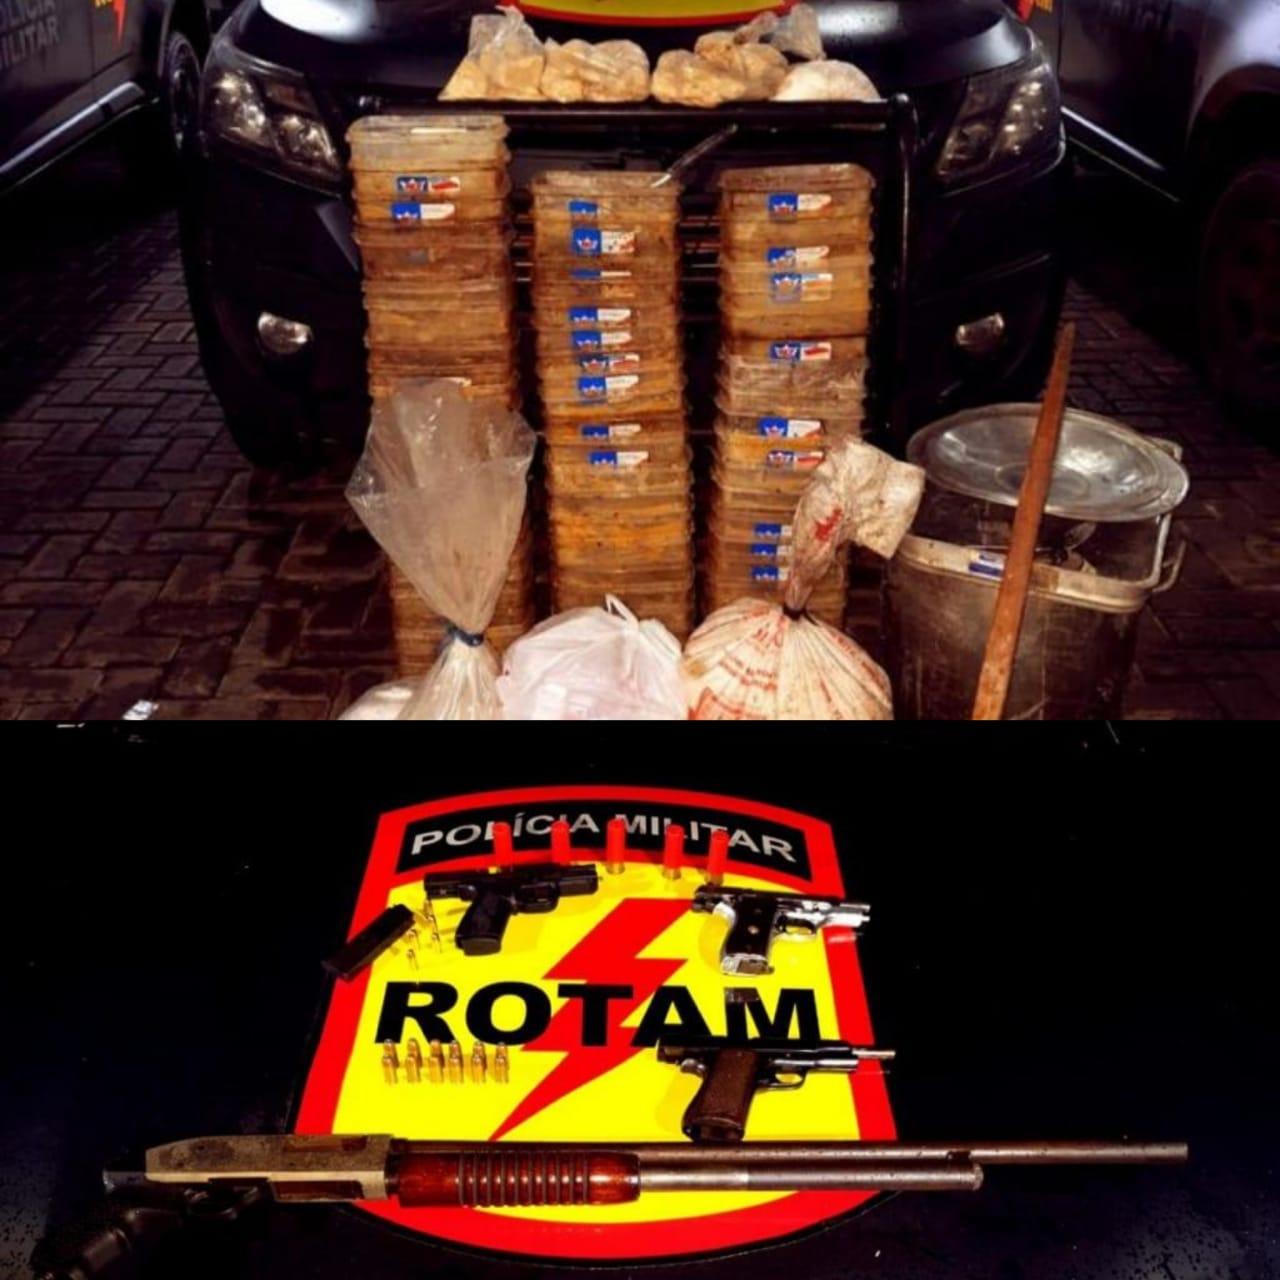 Rotam apreende mais de 100 quilos de cocaína, armas e veículo roubado